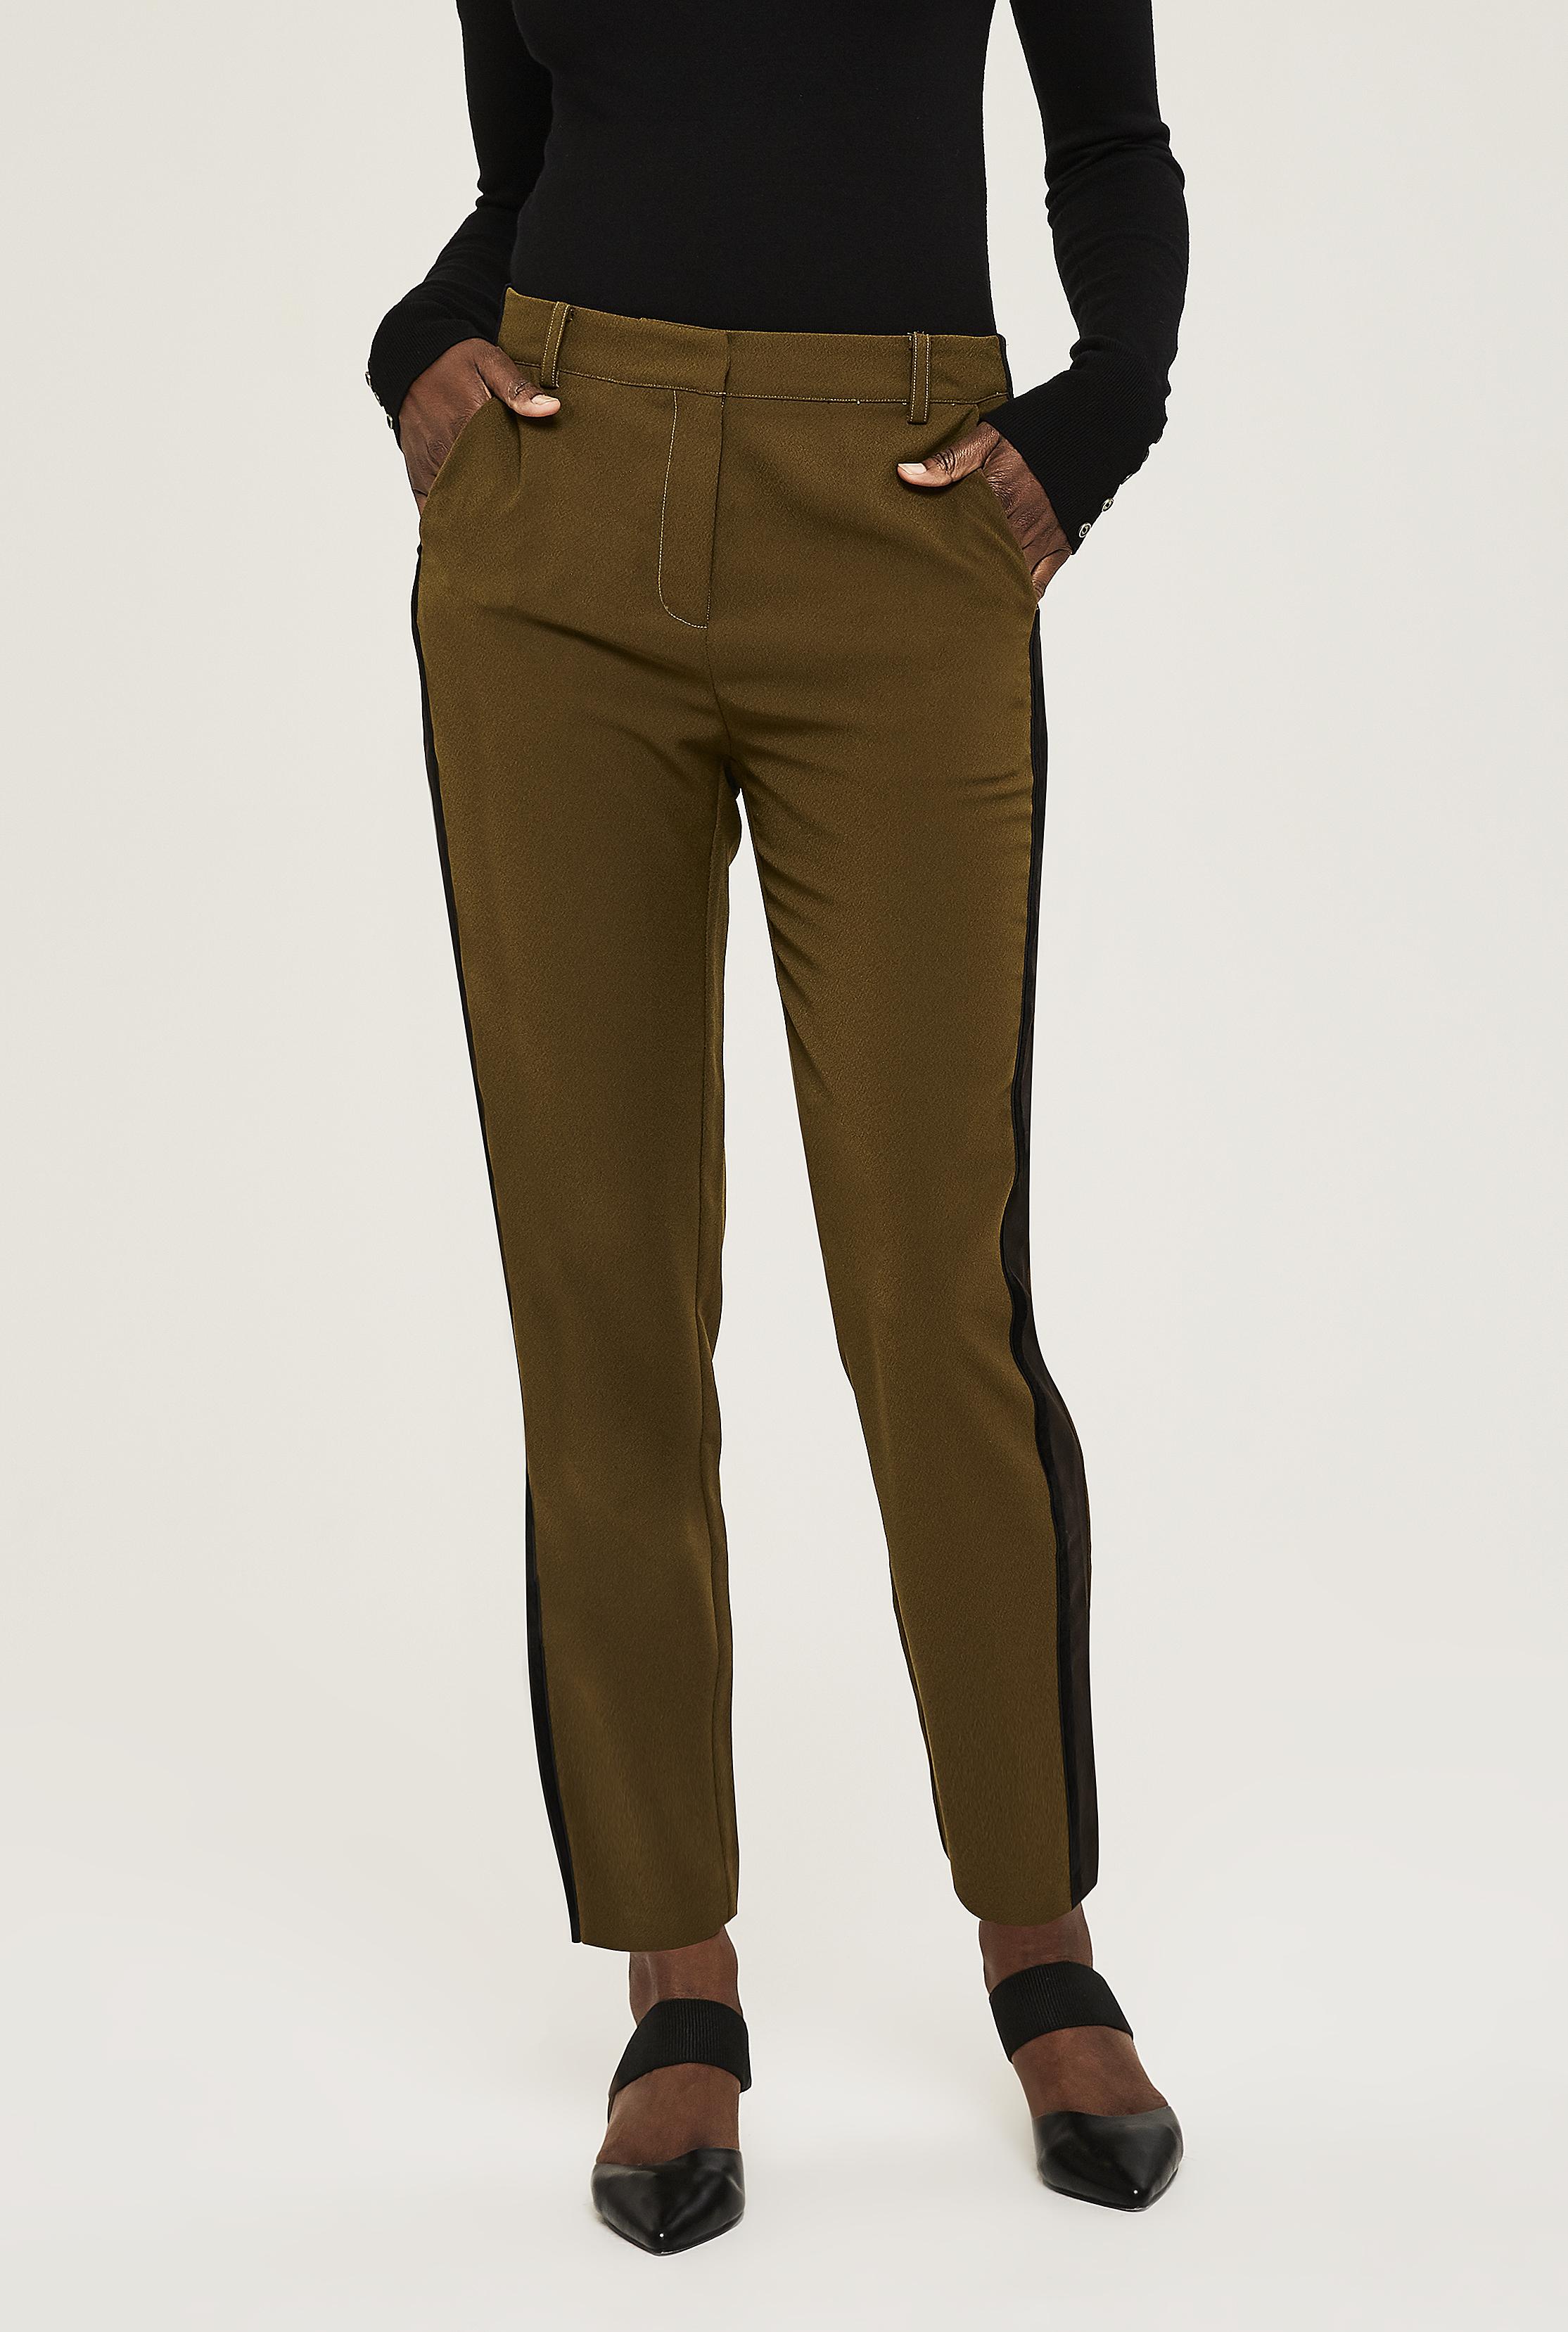 Y.A.S Tall Emma Side Stripe Trouser